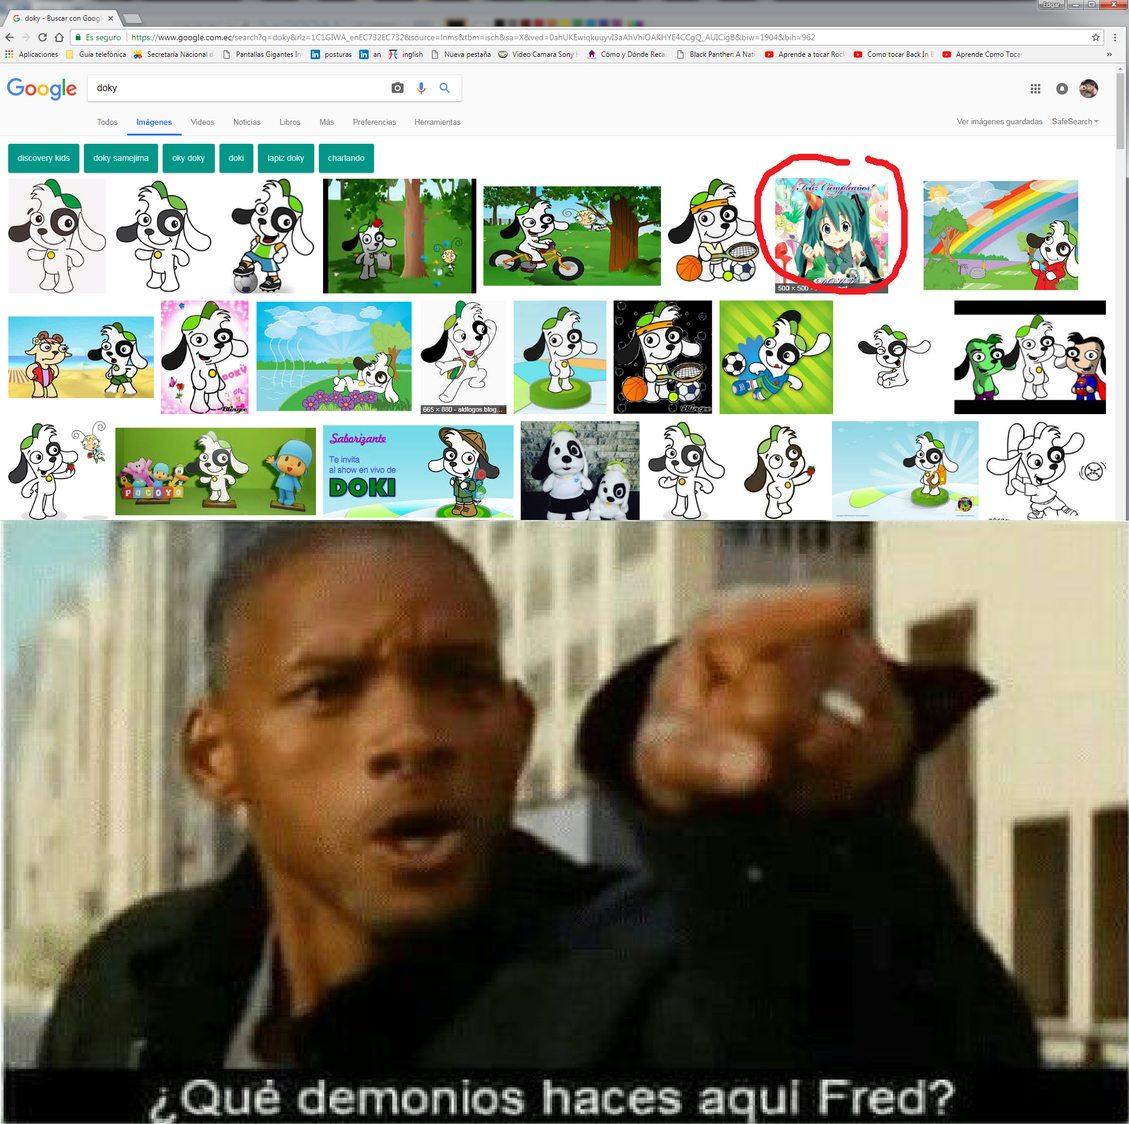 fred - meme